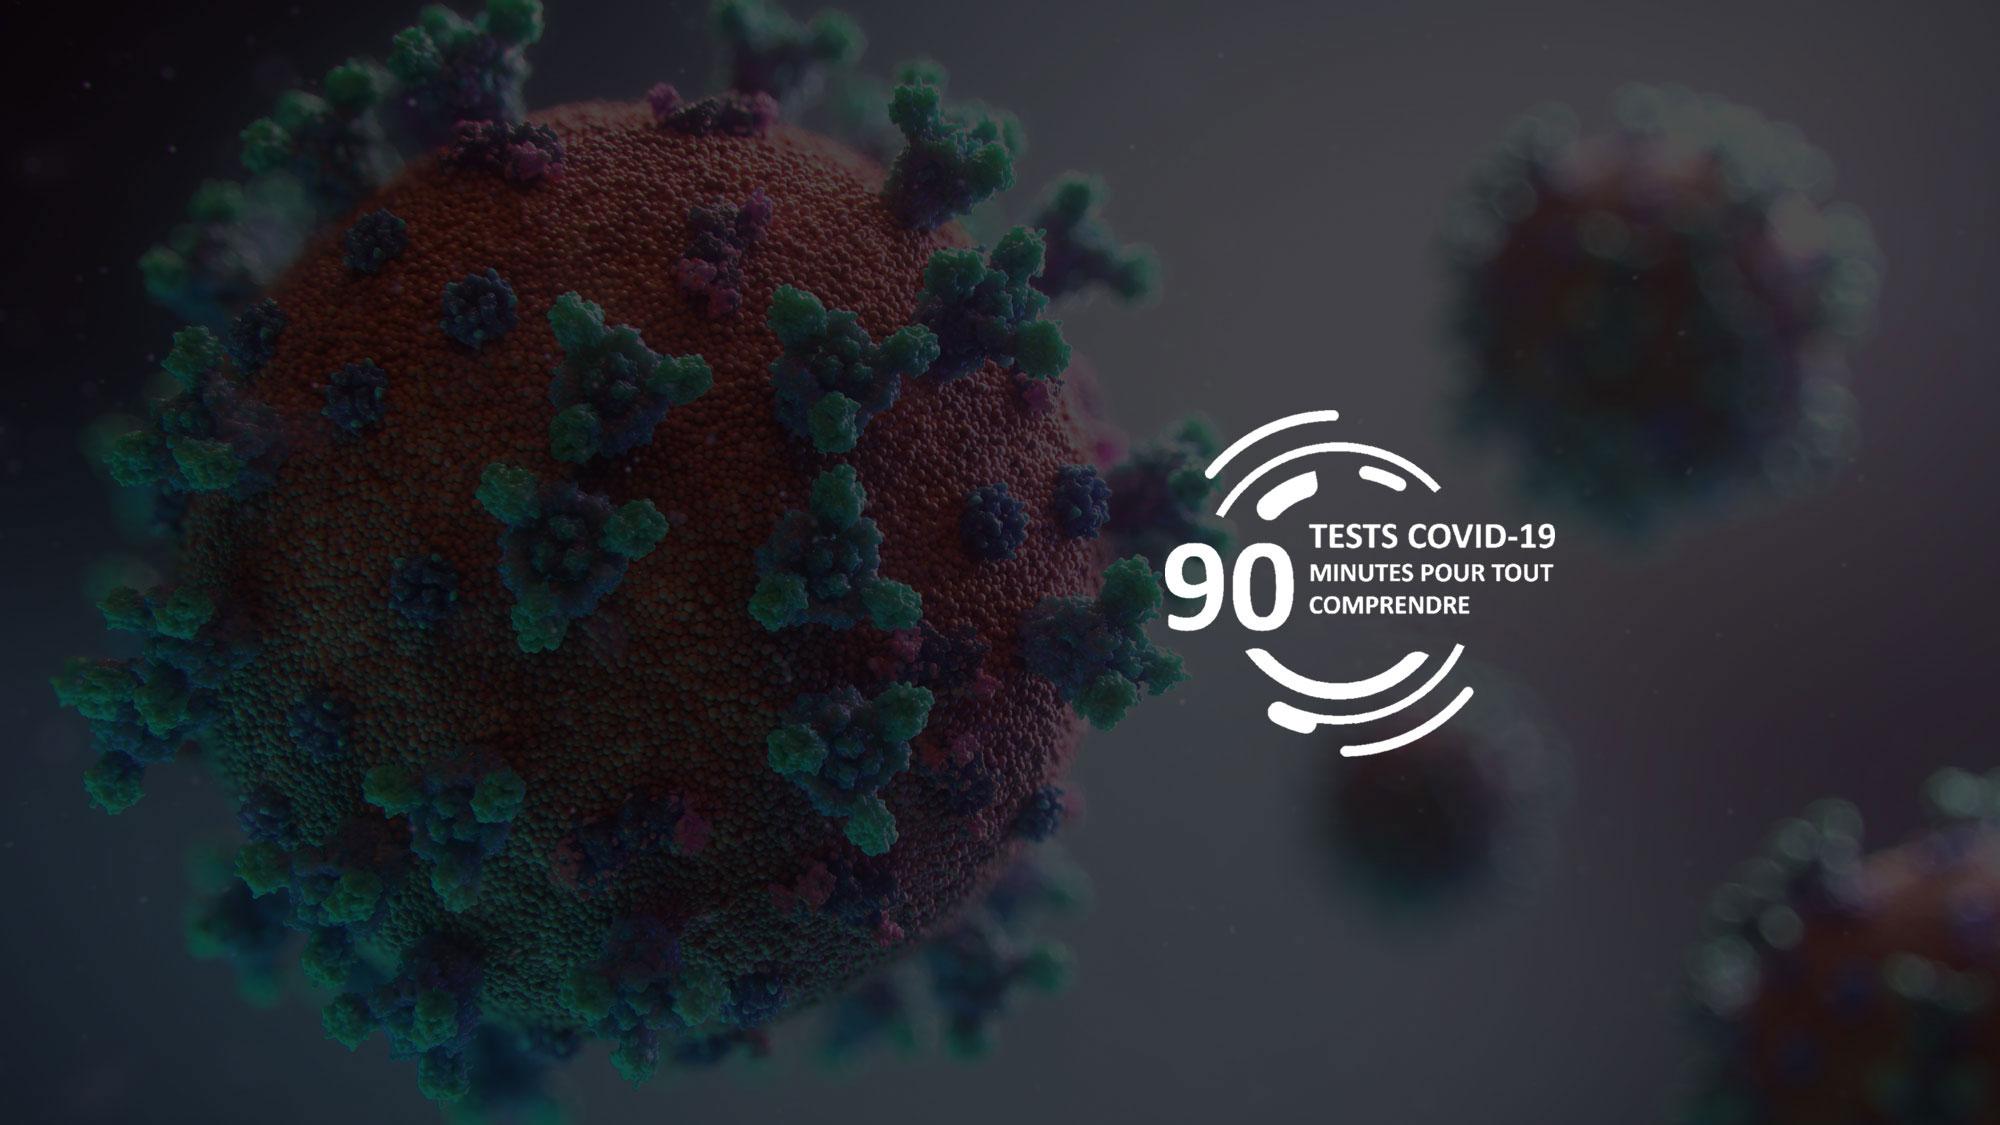 TESTS COVID-19 <br/>90 MINUTES POUR <br/>TOUT COMPRENDRE